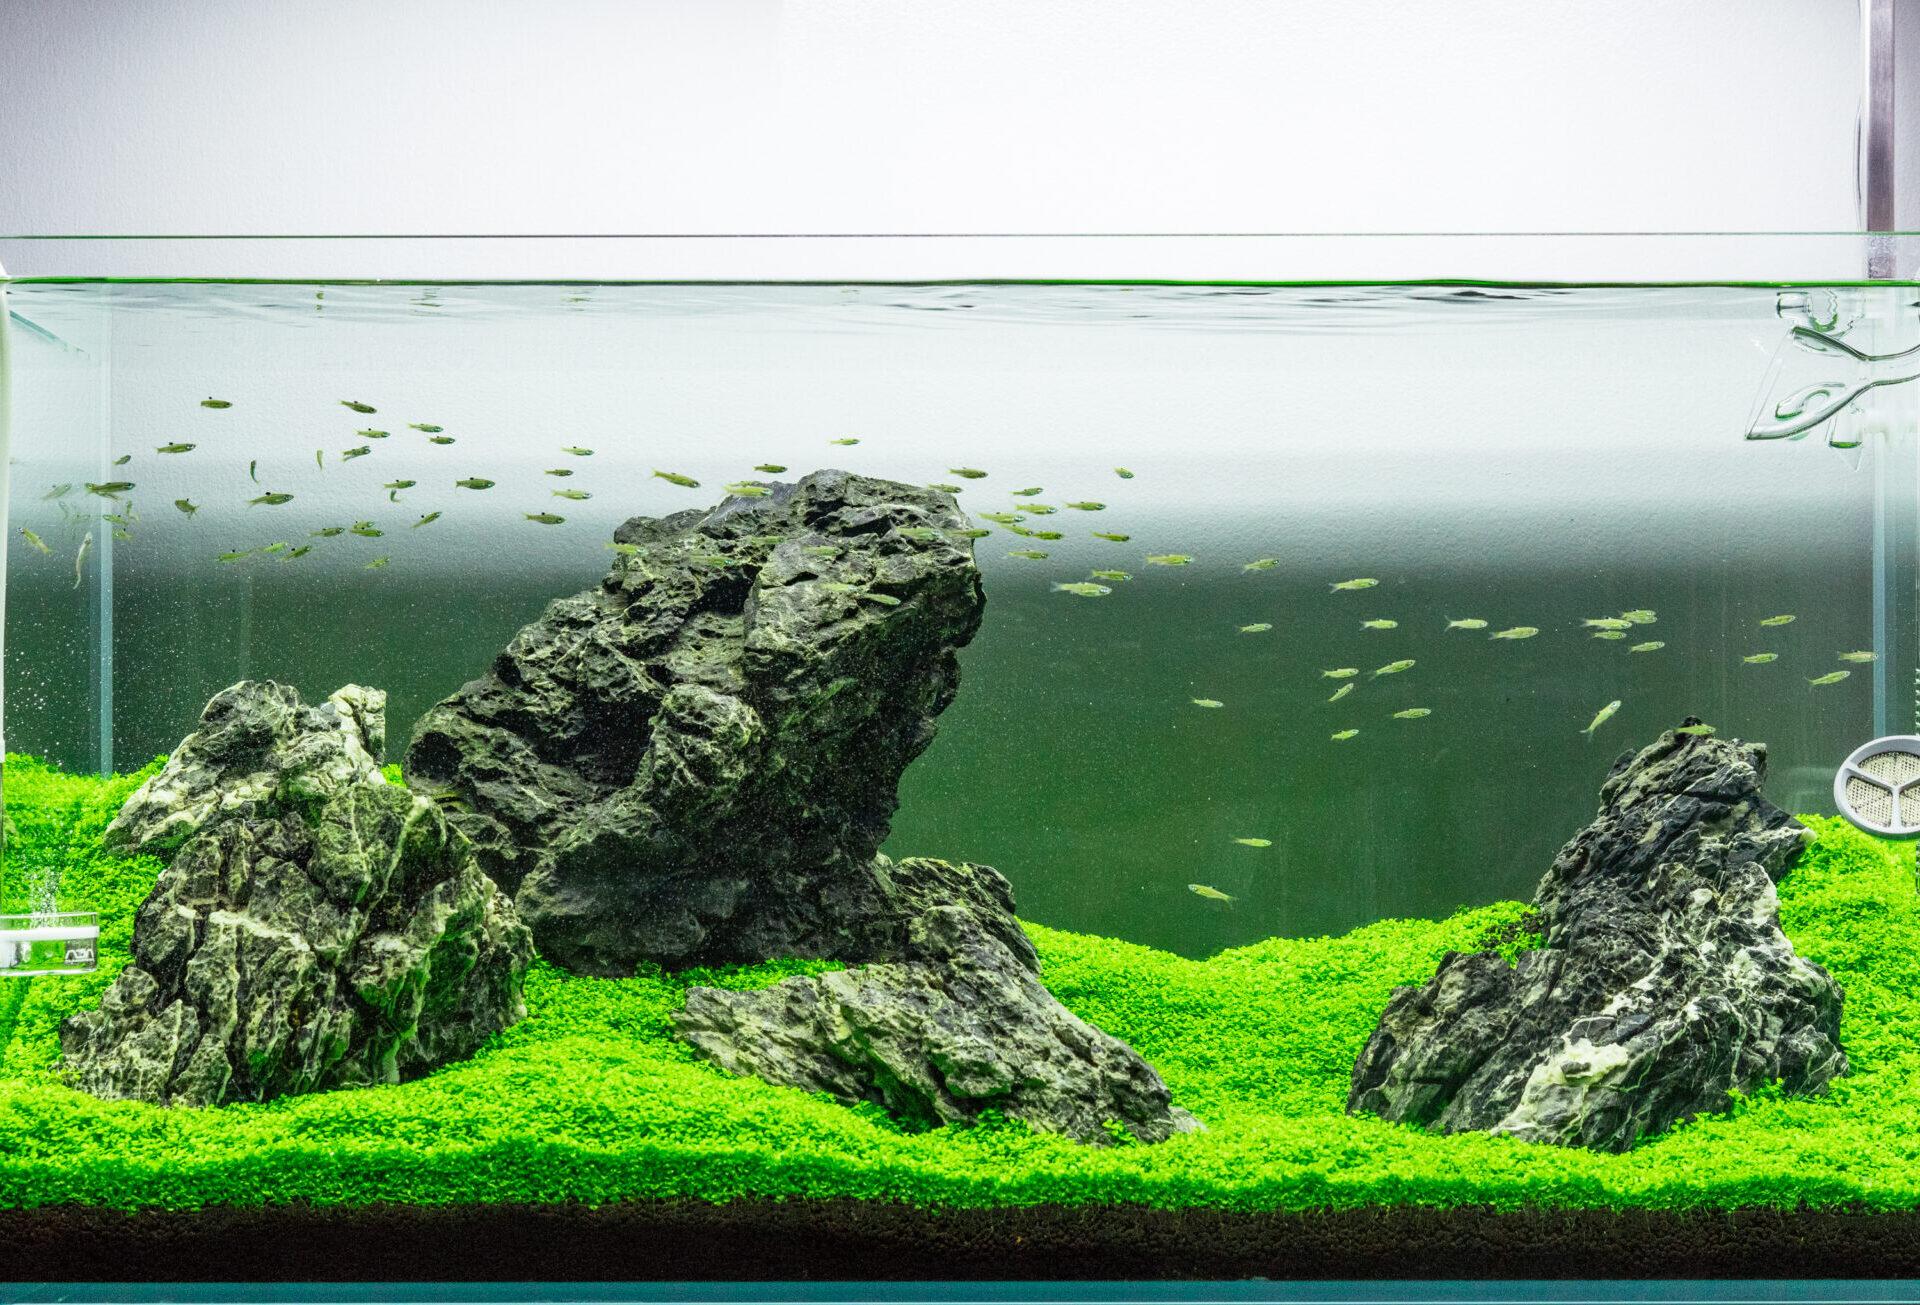 Nghệ thuật thiết kế hồ thủy sinh theo phong cách Iwagumi